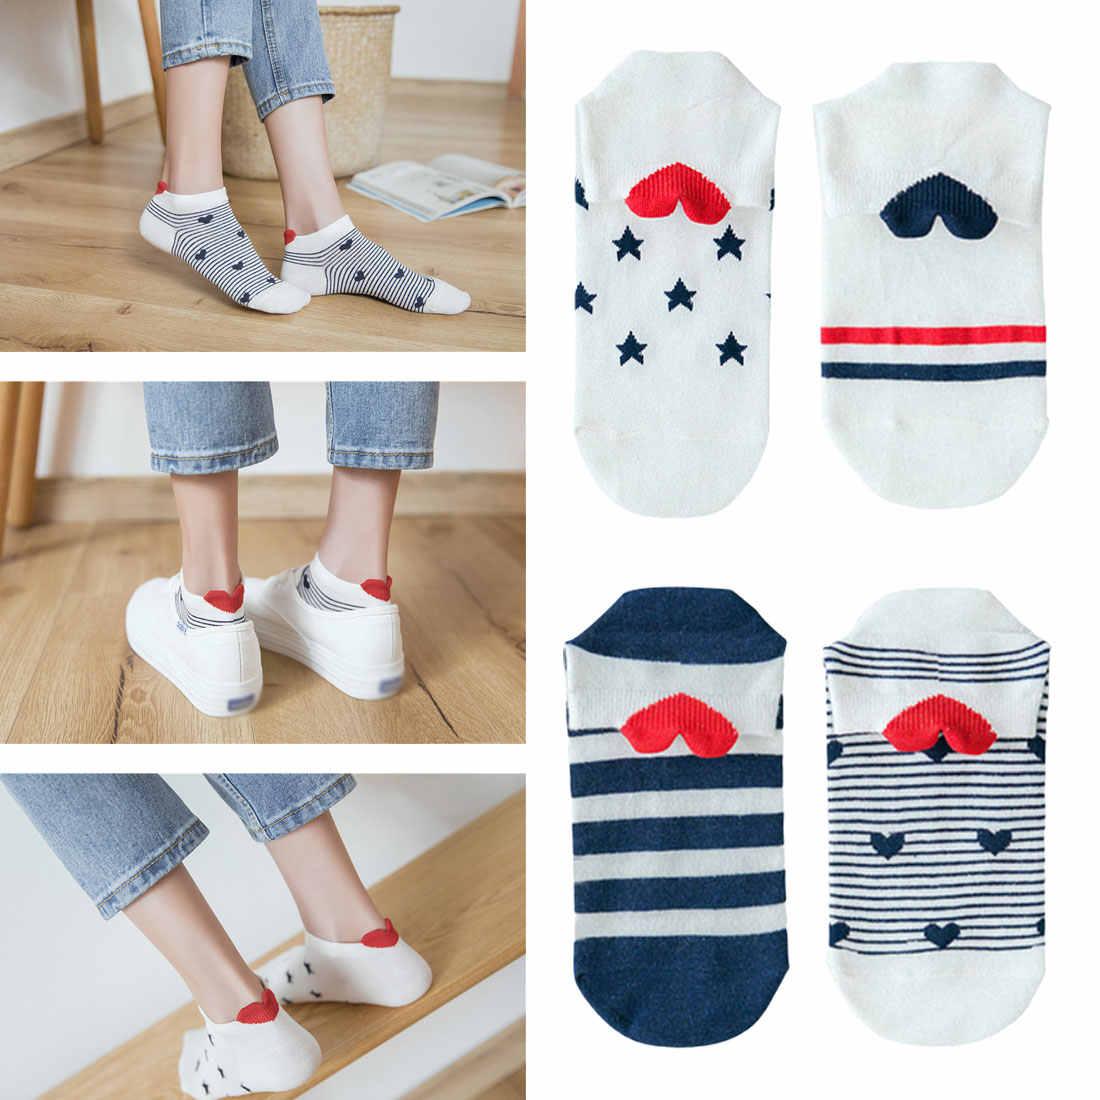 1 paires femmes chaussettes rouge coeur mignon collège vent Simple basique drôle femme chaussettes chaud coton printemps été Harajuku Sox fille chaussettes